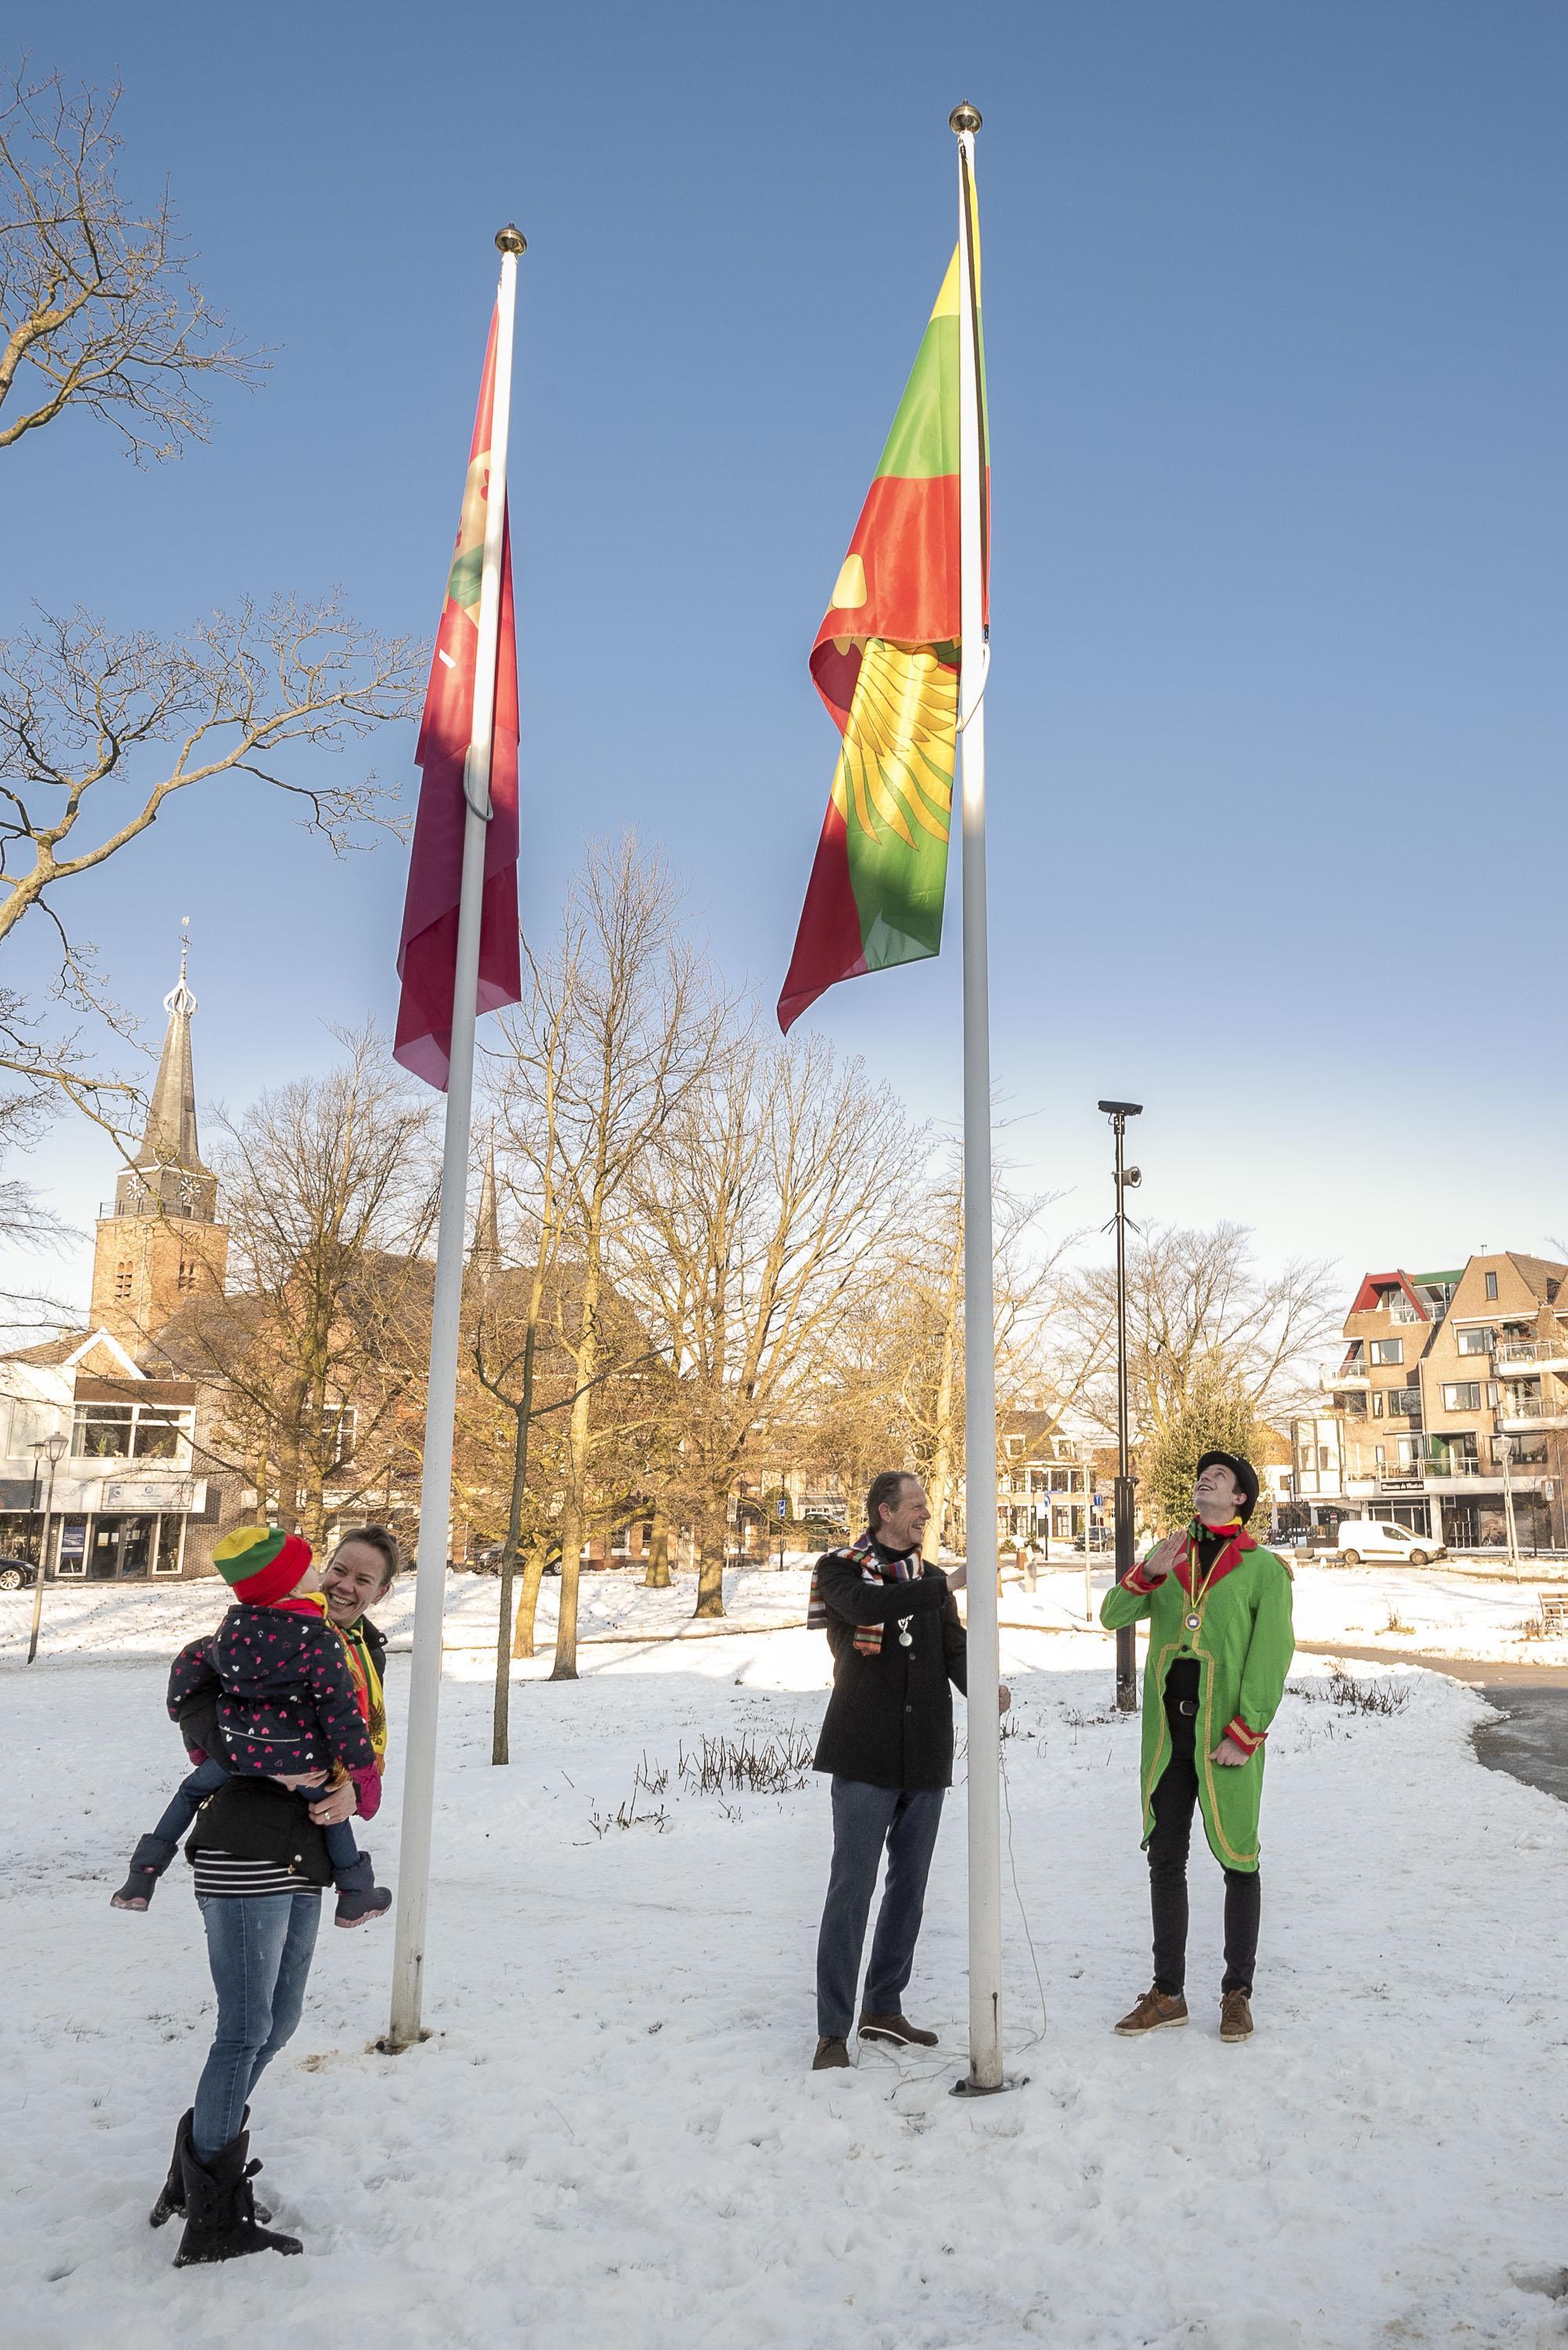 Geen carnaval dit jaar, maar wel carnavalsvlag in top in Hillegom